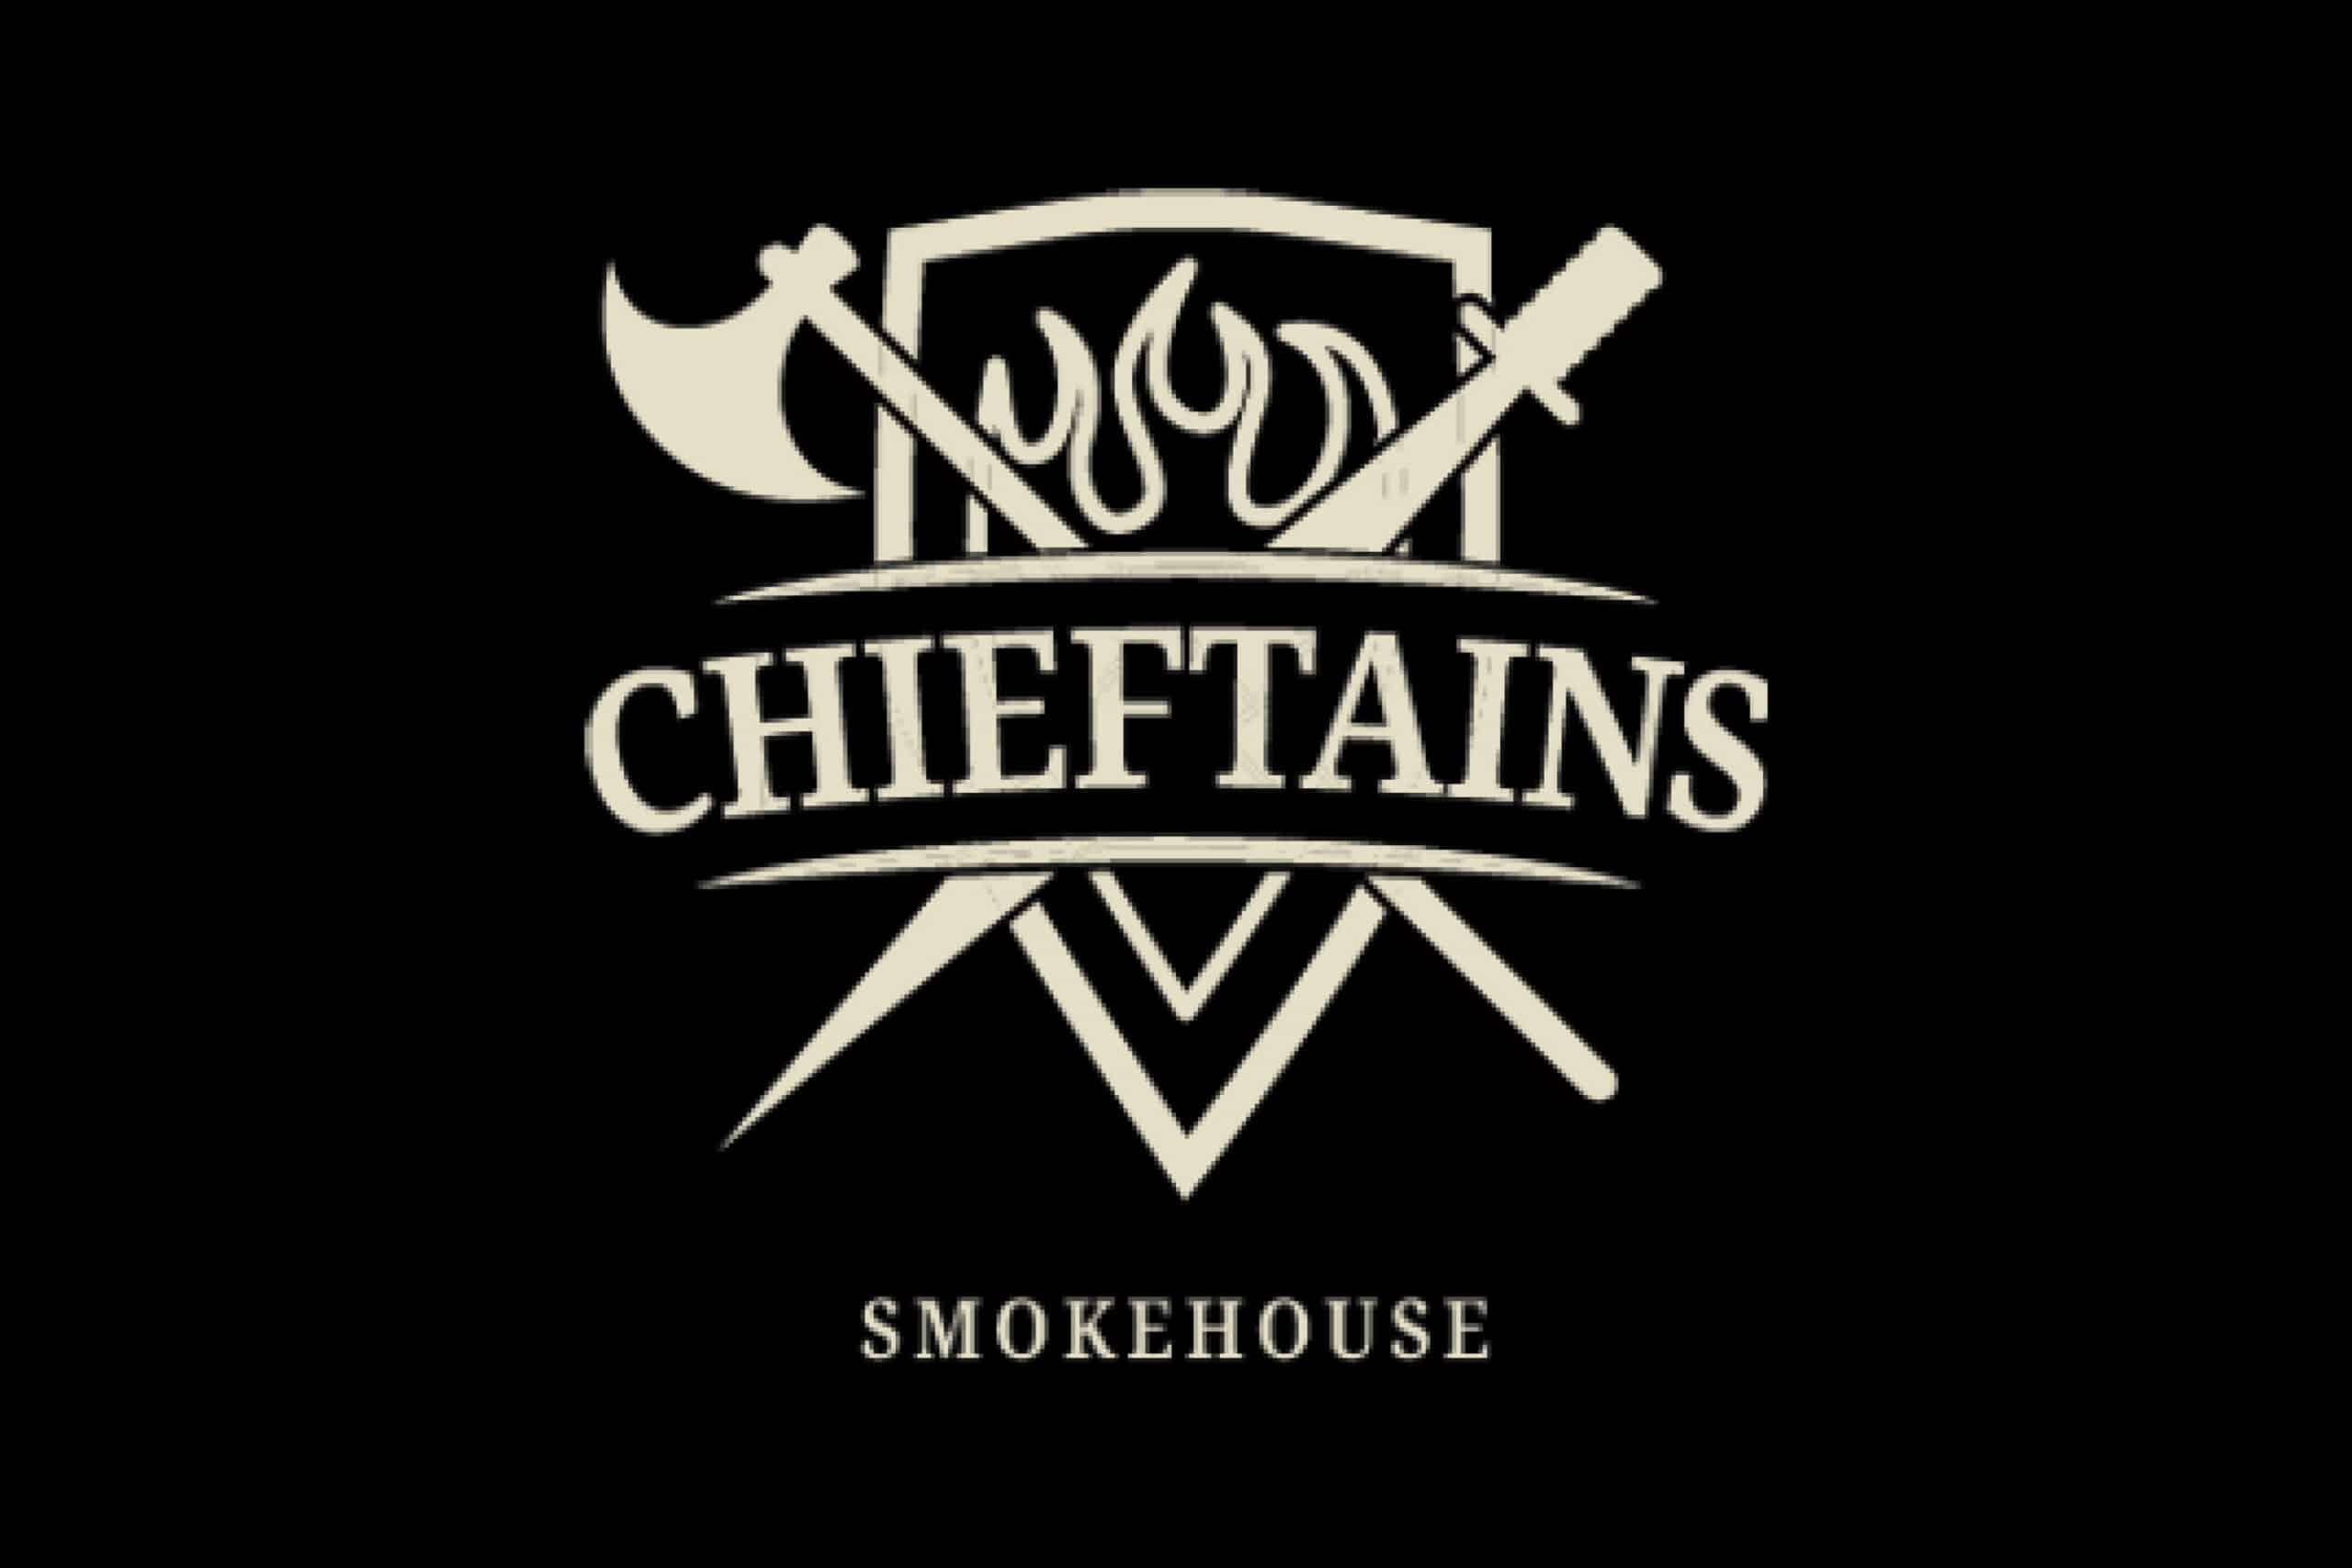 Chieftains Smokehouse